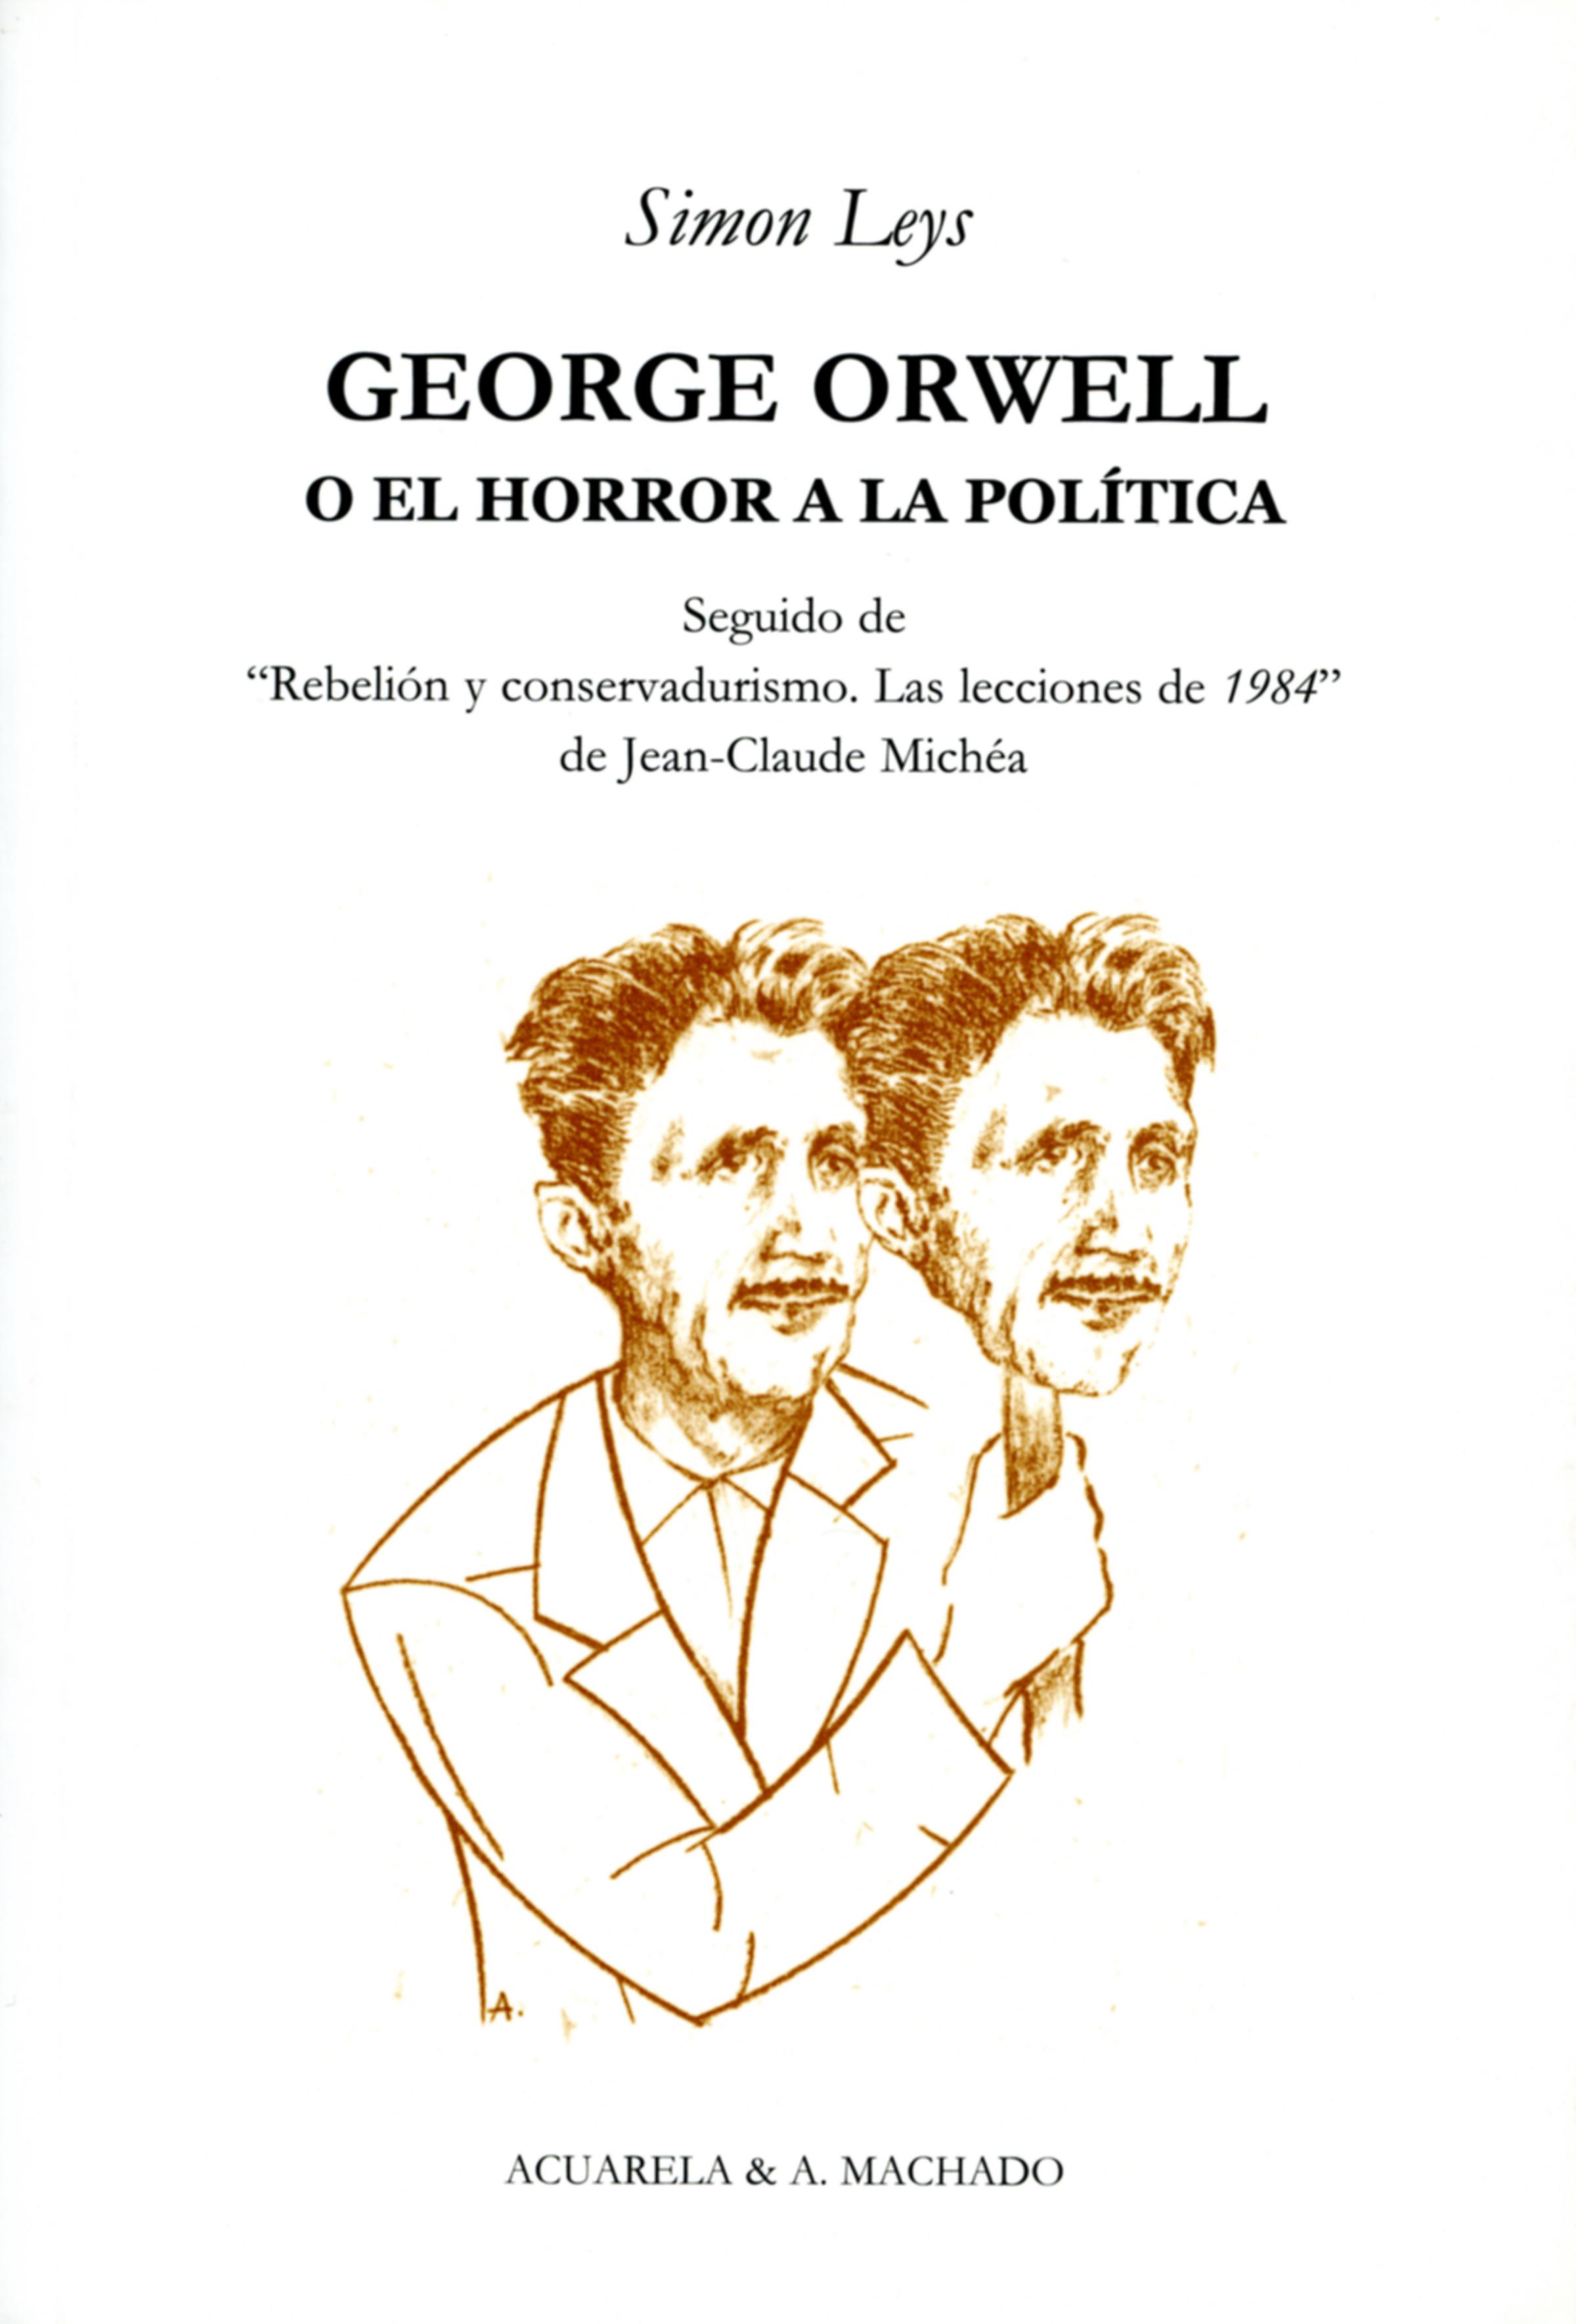 Simon Leys George Orwell недорого